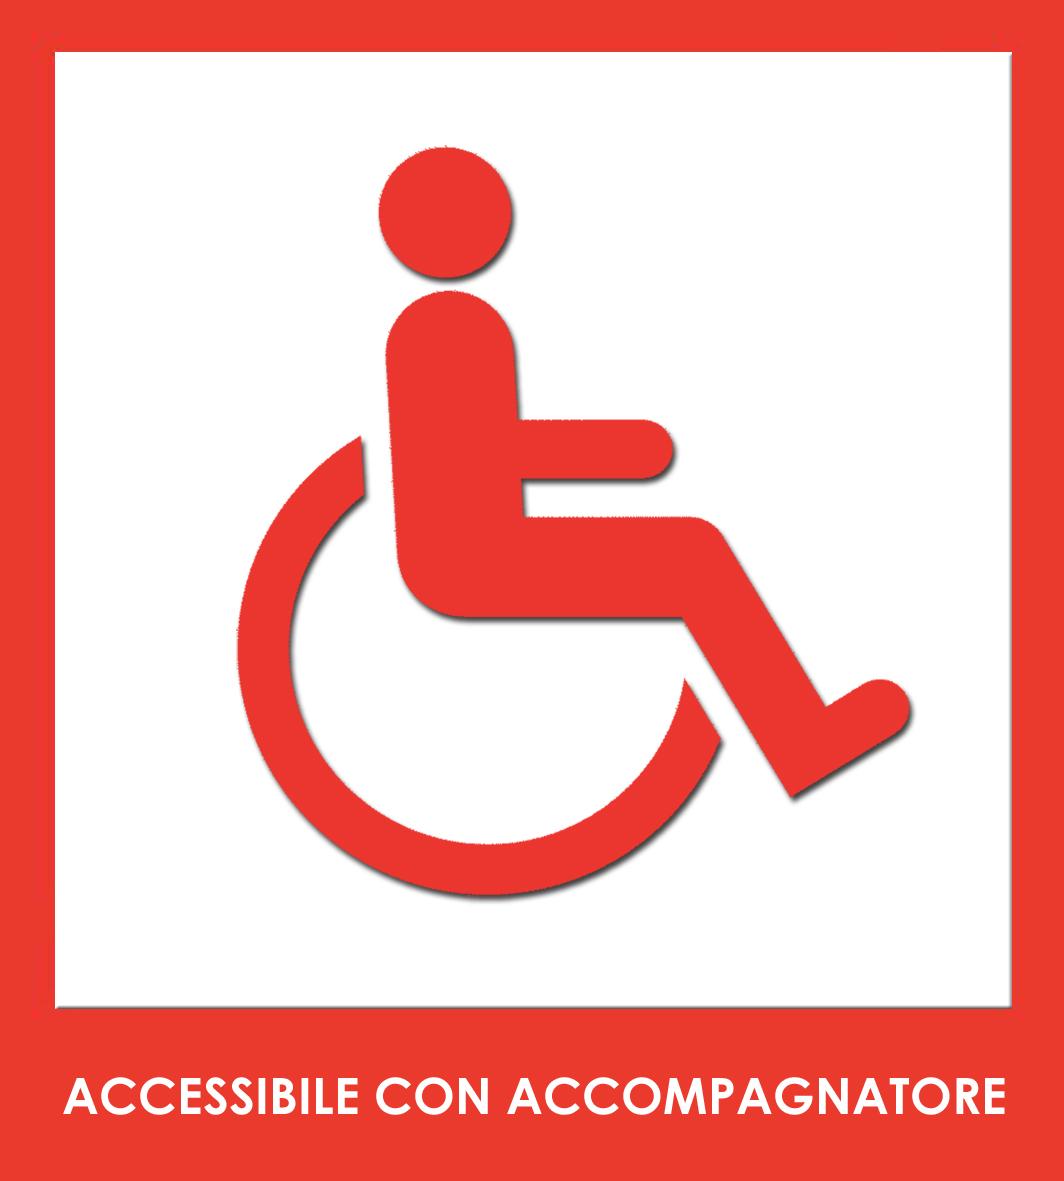 accessibile con accompagnatore